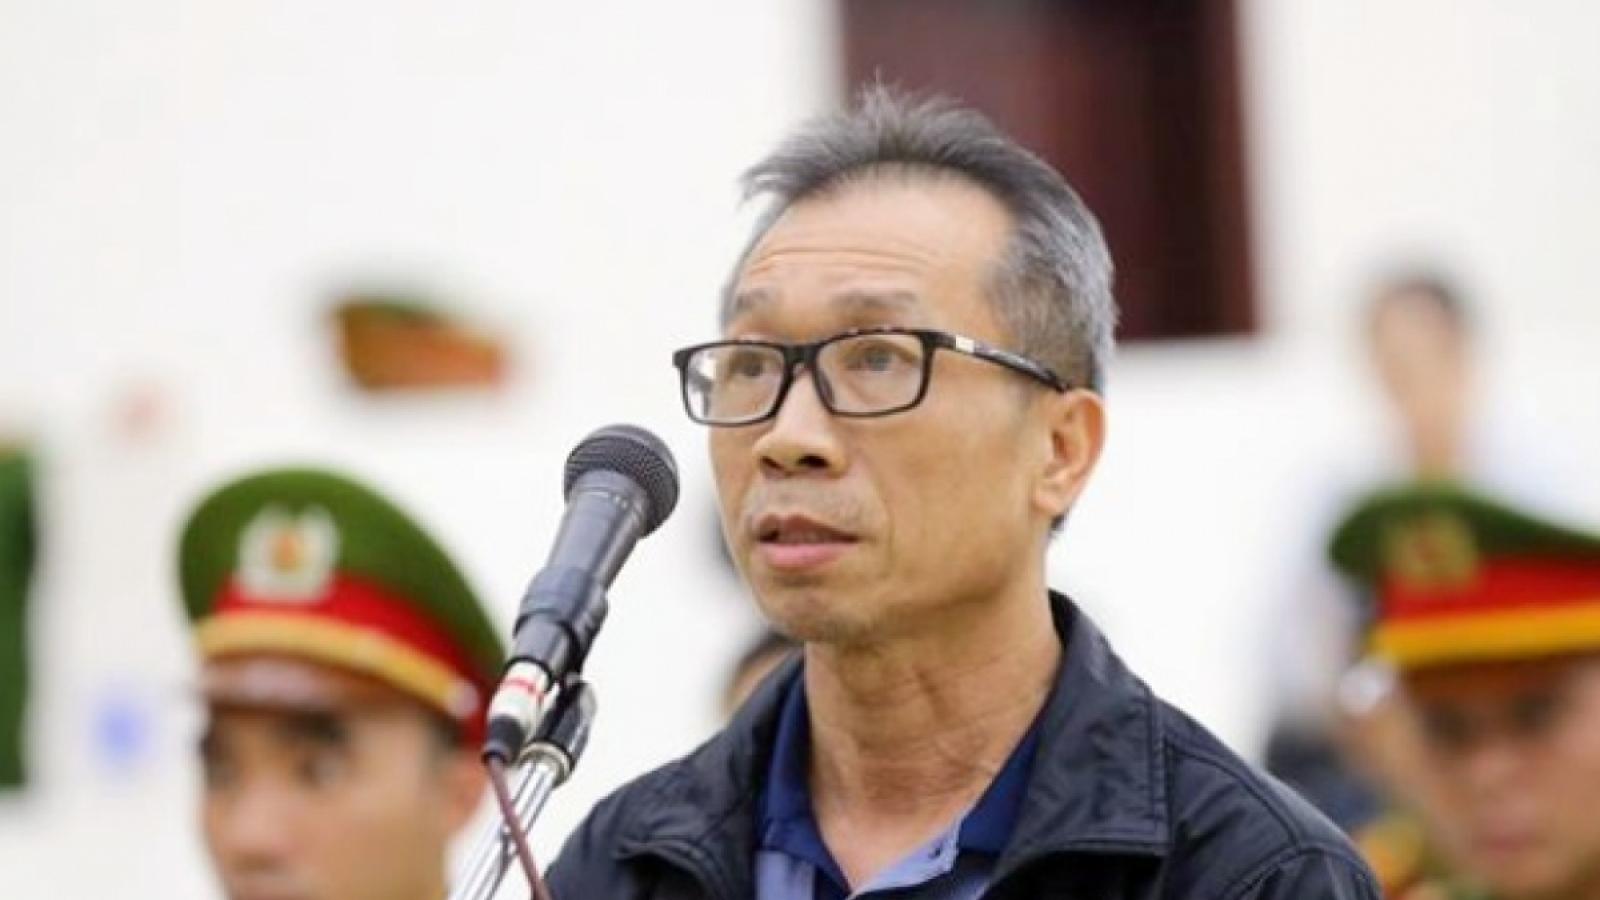 Vụ án liên quan ông Trần Bắc Hà: 3 người có đơn kháng cáo